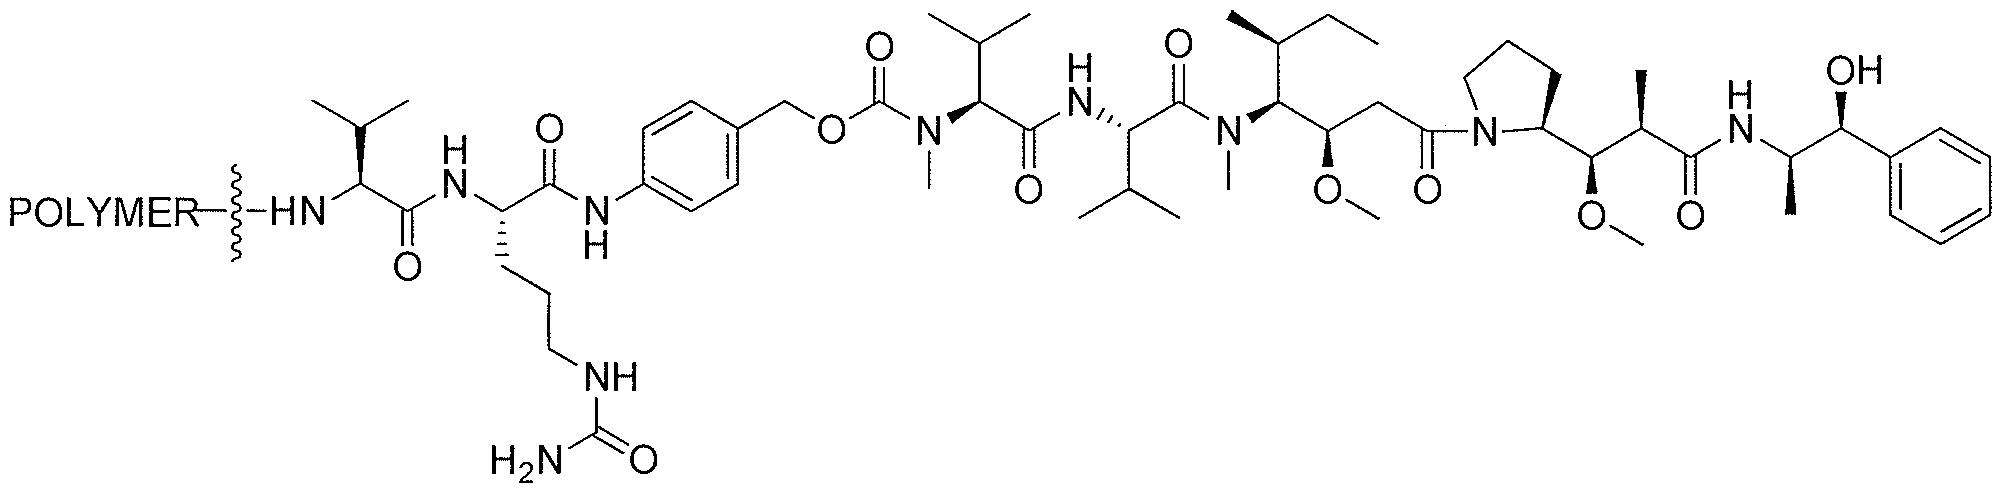 Figure imgf000016_0003